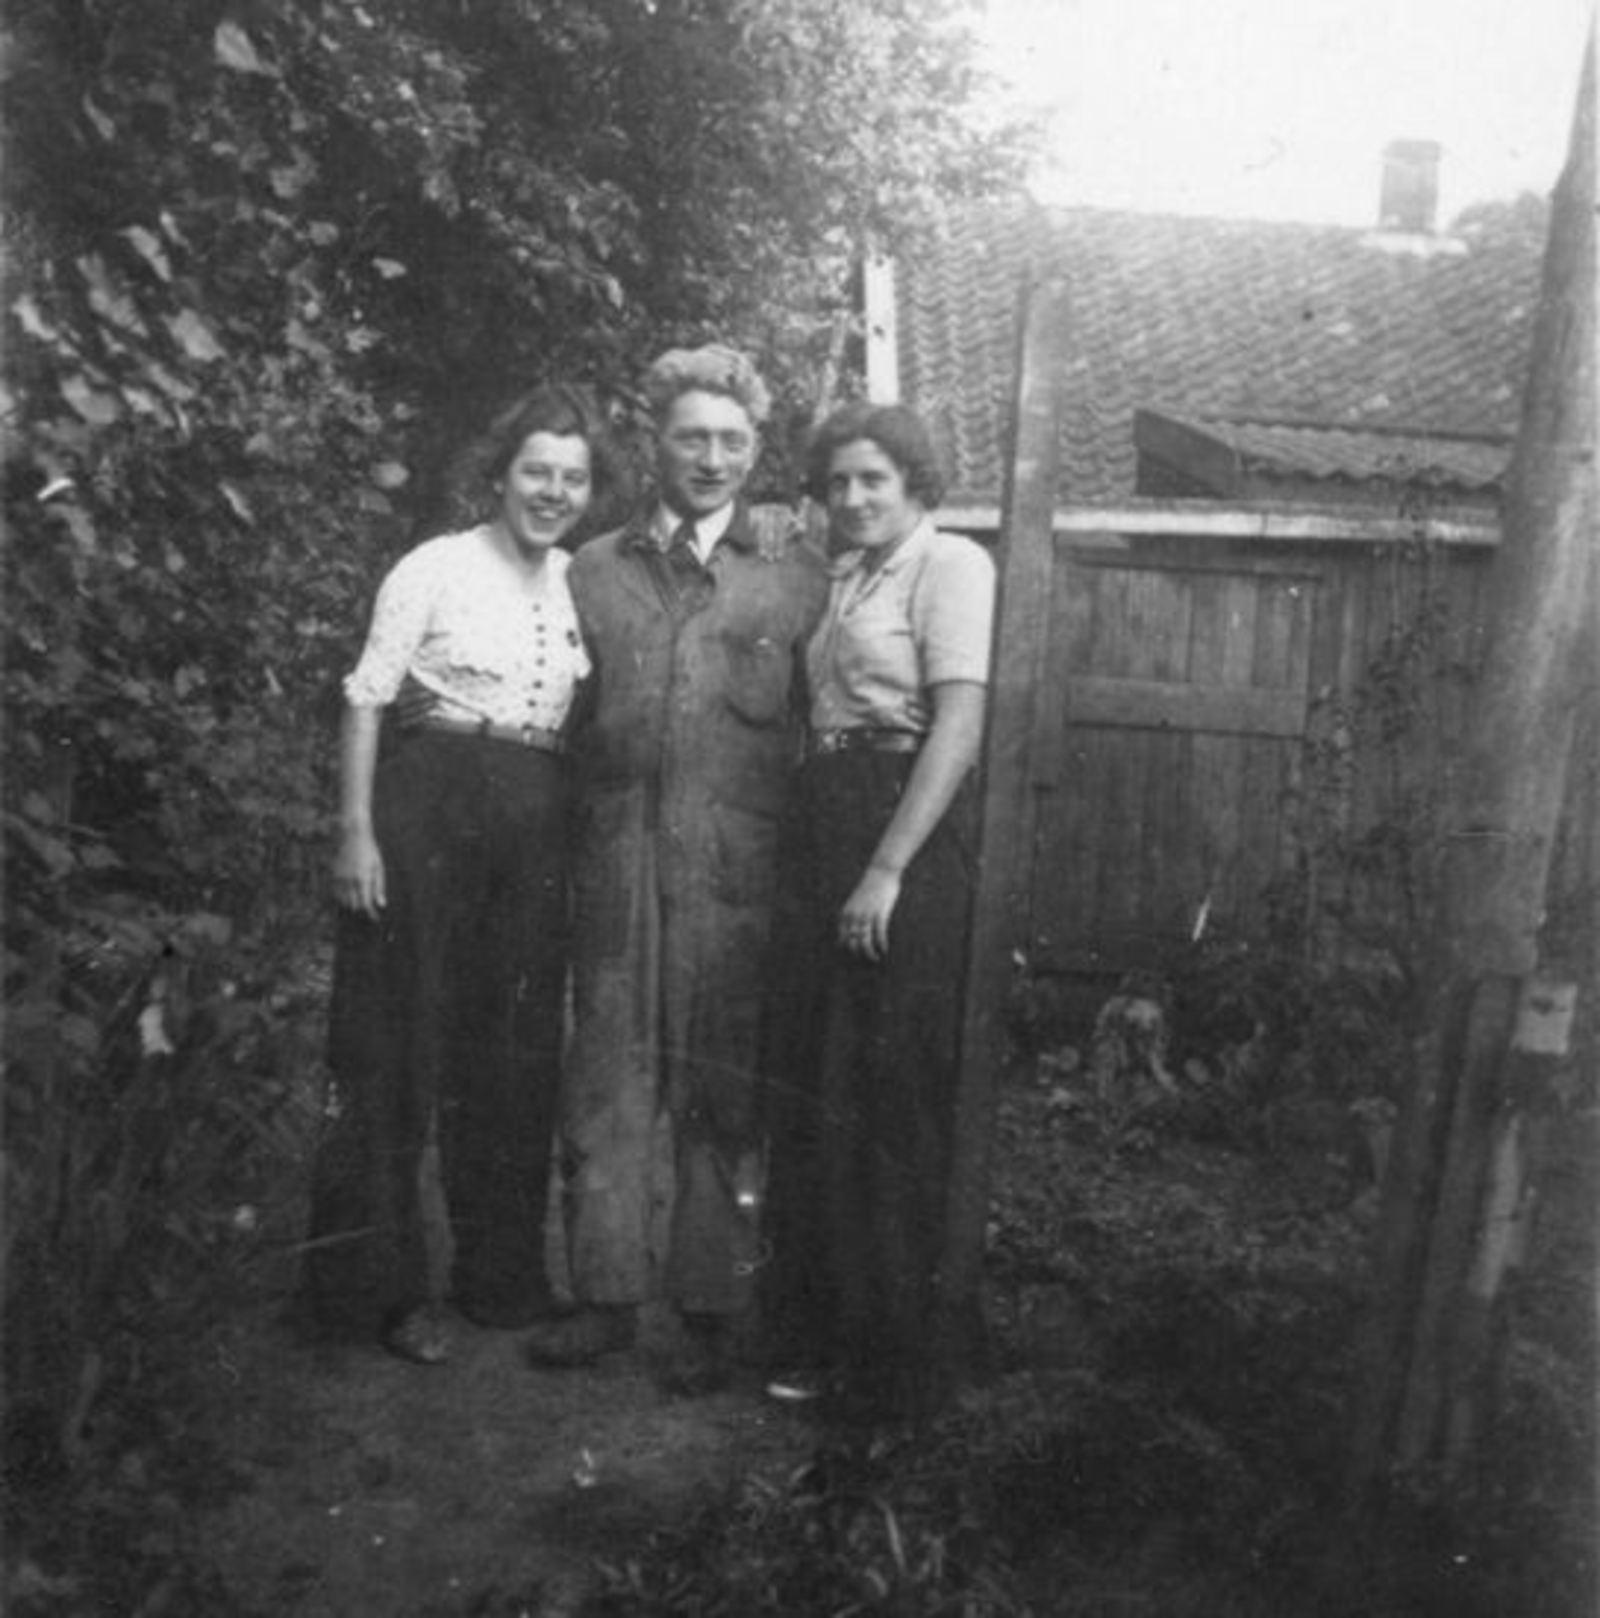 <b>ZOEKPLAATJE:</b>Sluis Gerrij 1917 19__ met Onbekenden